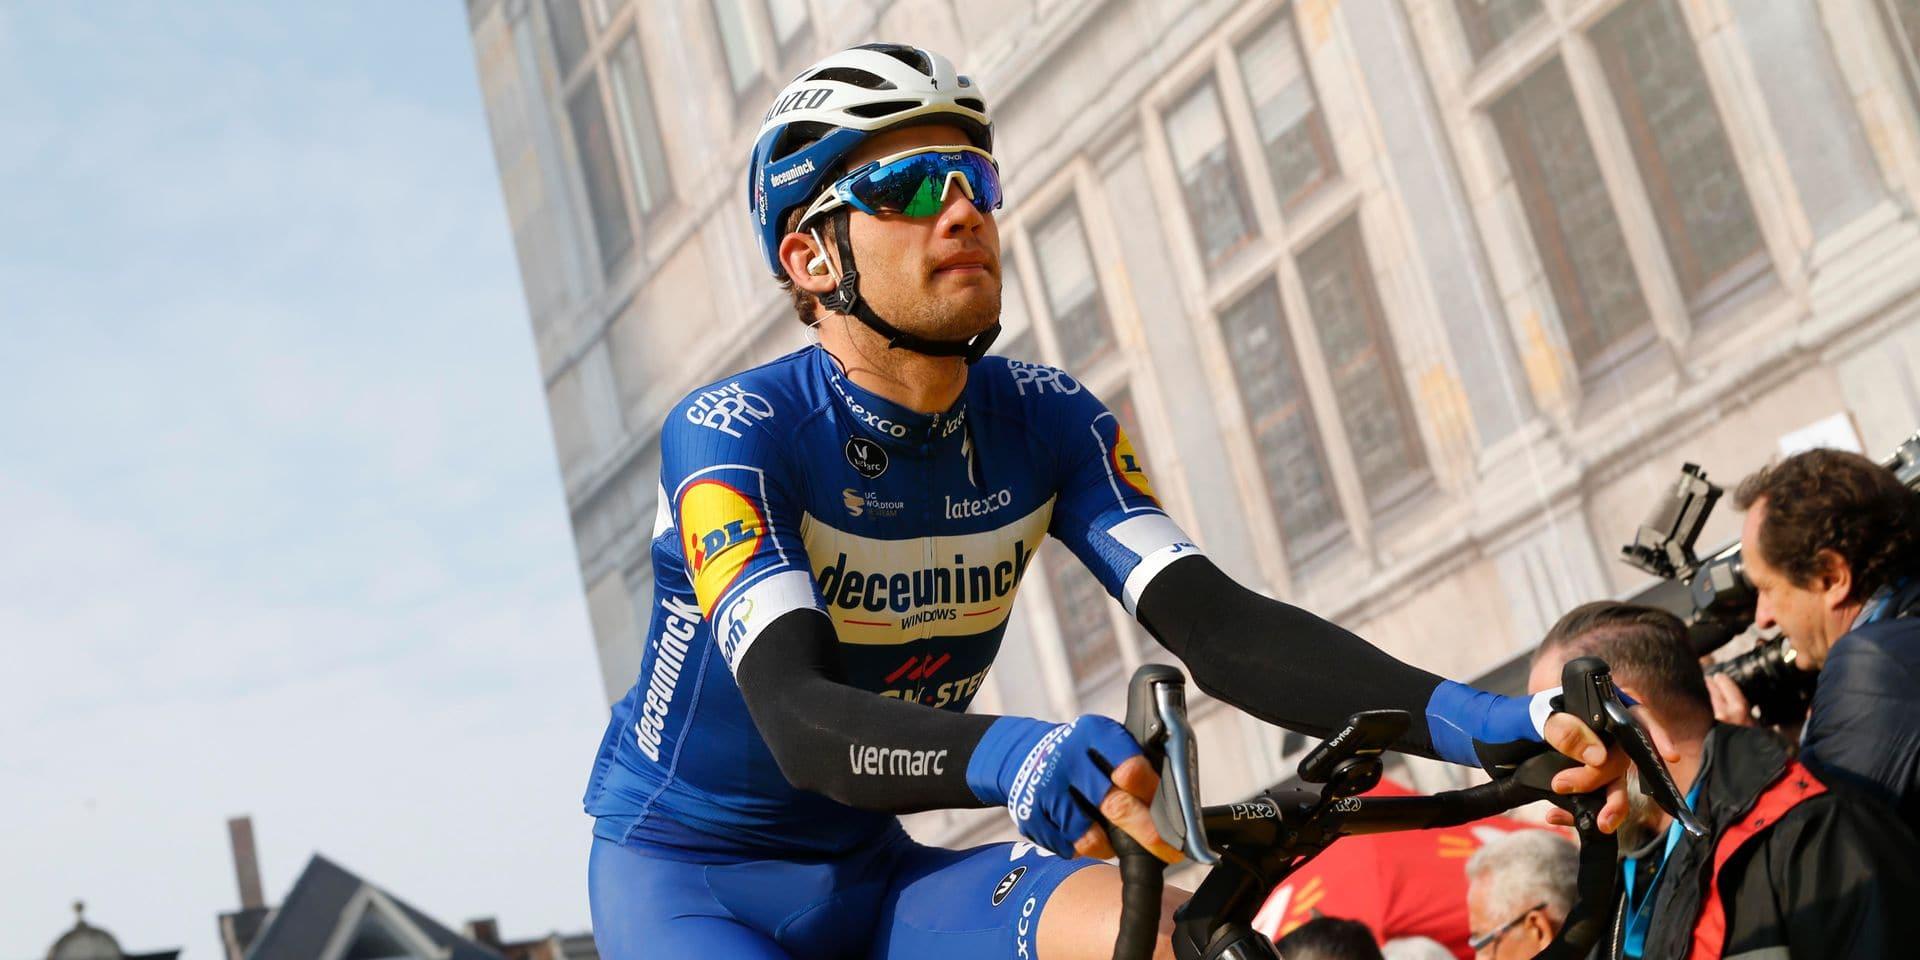 Tour de Californie - La 2e étape à Asgreen, Van Garderen en jaune